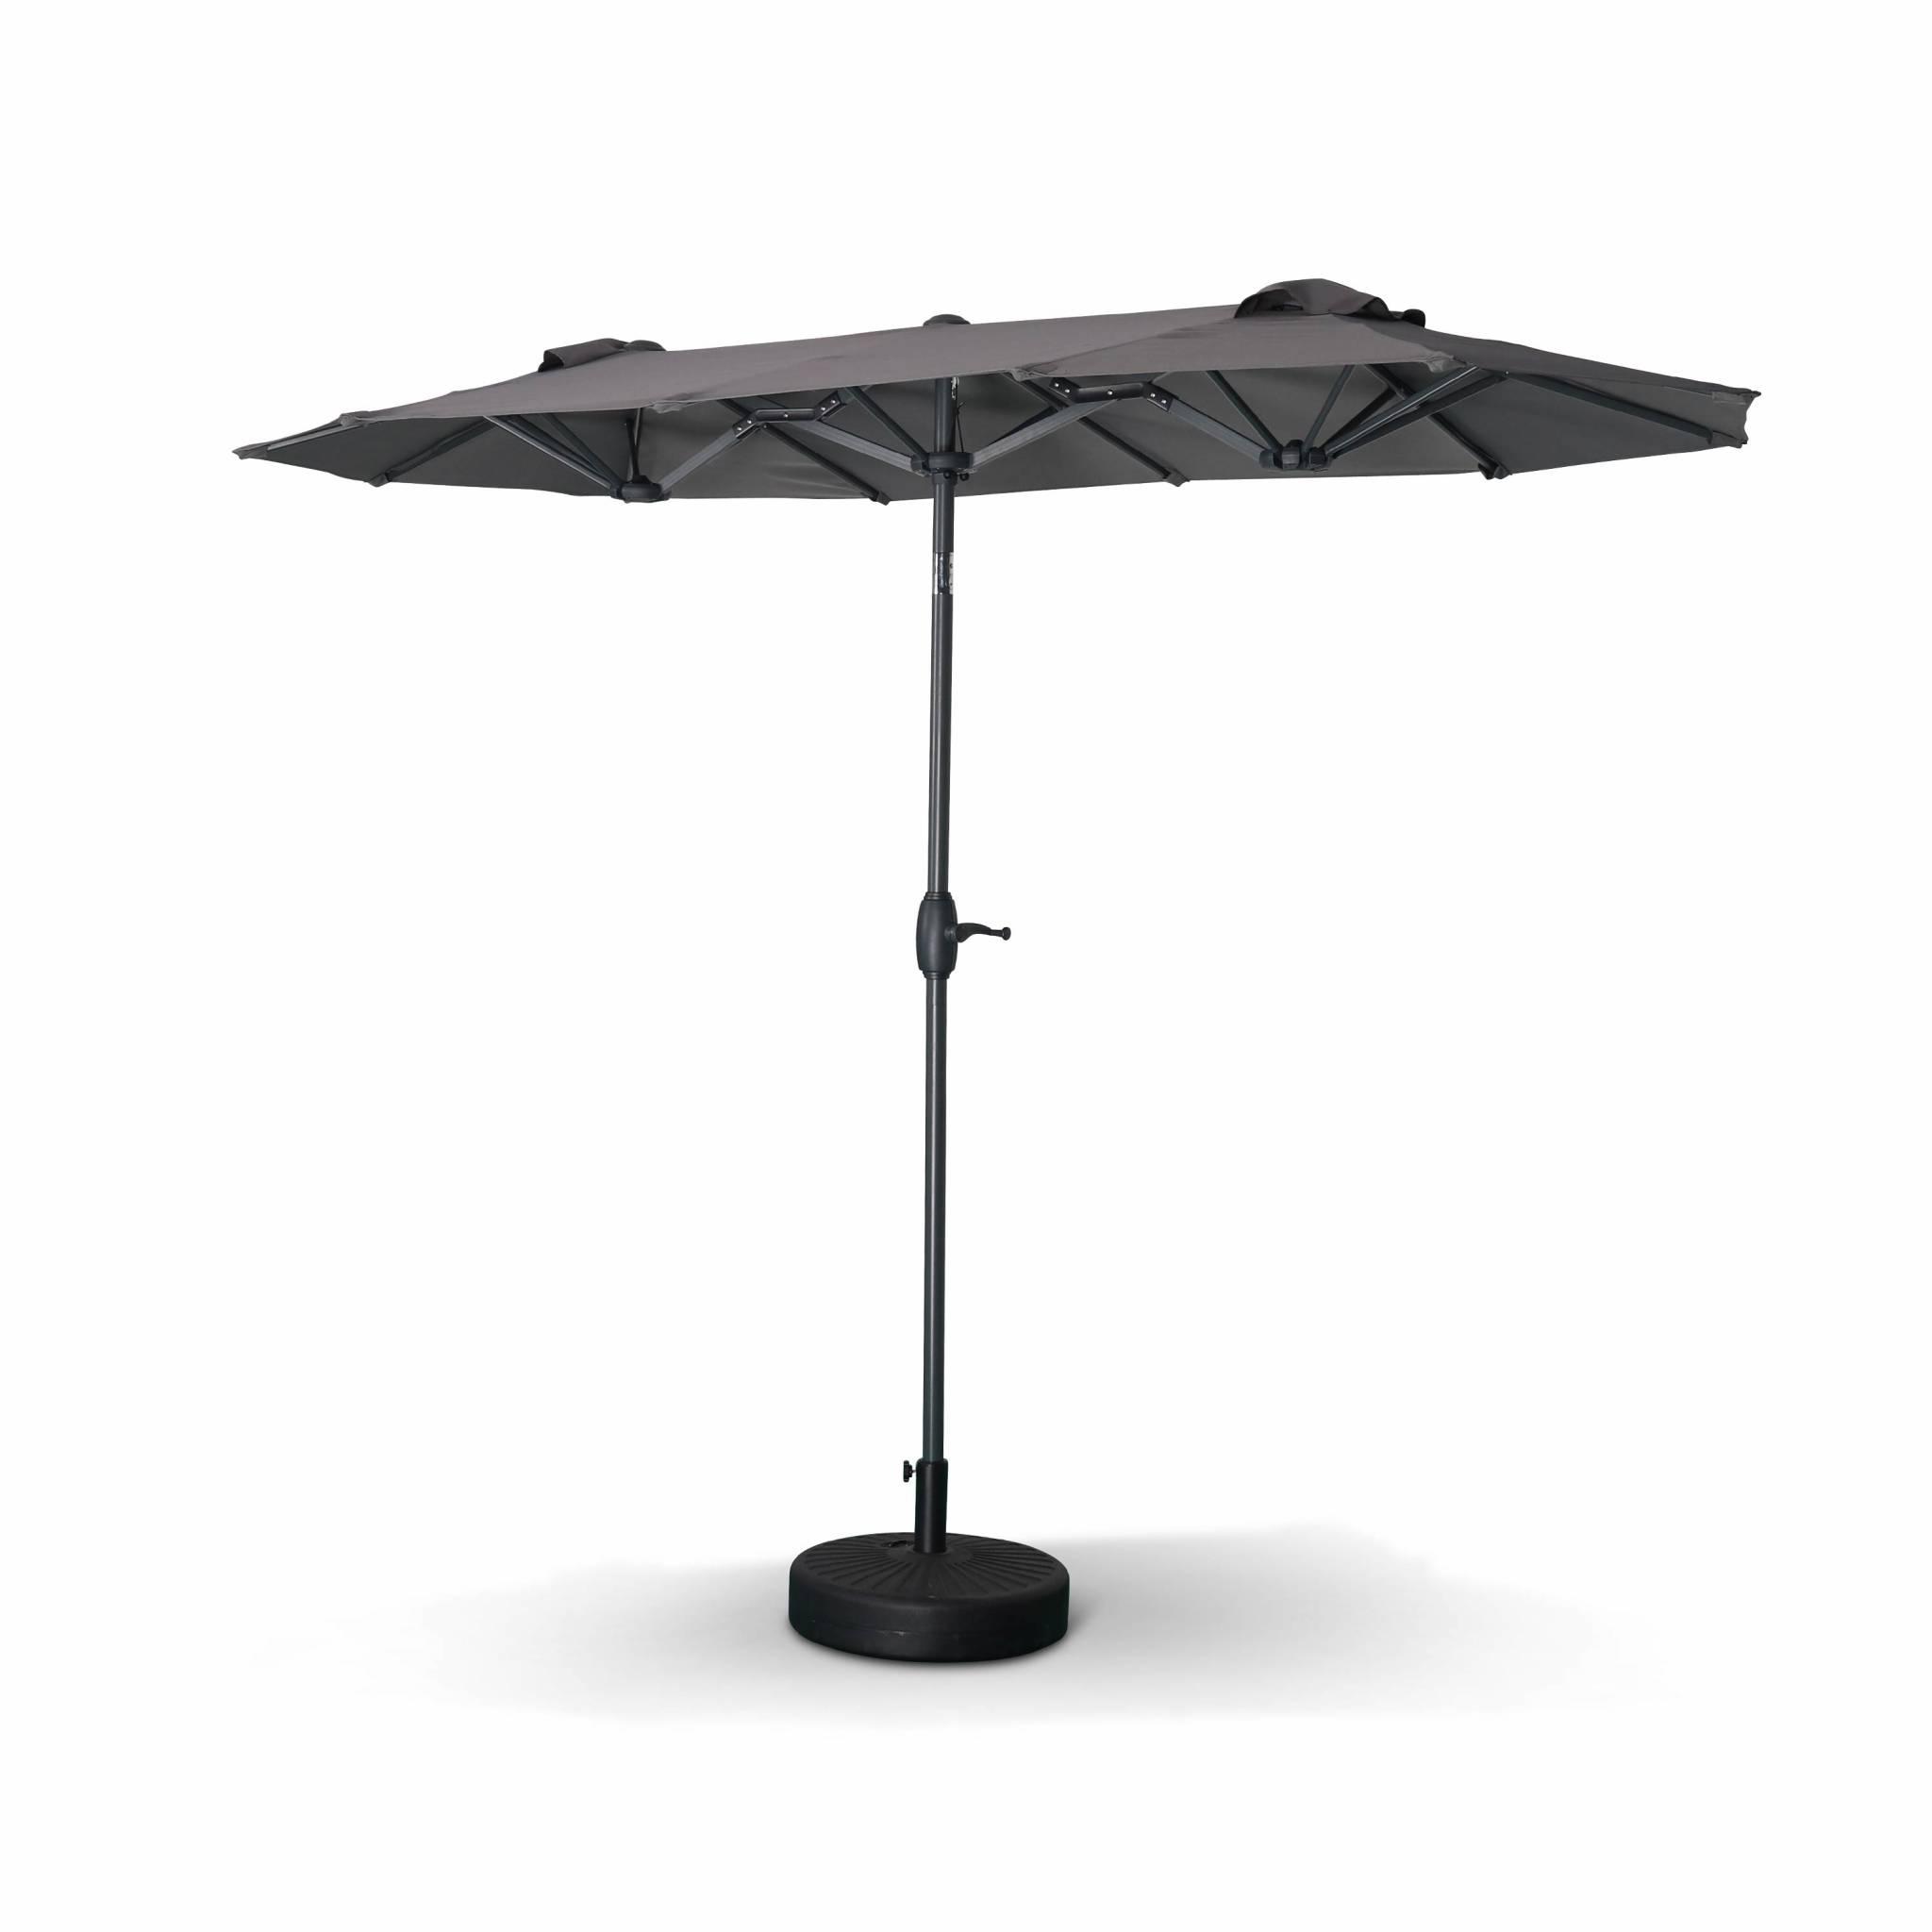 Parasol droit ovale double 1x3m – biarritz – gris – parasol à mât